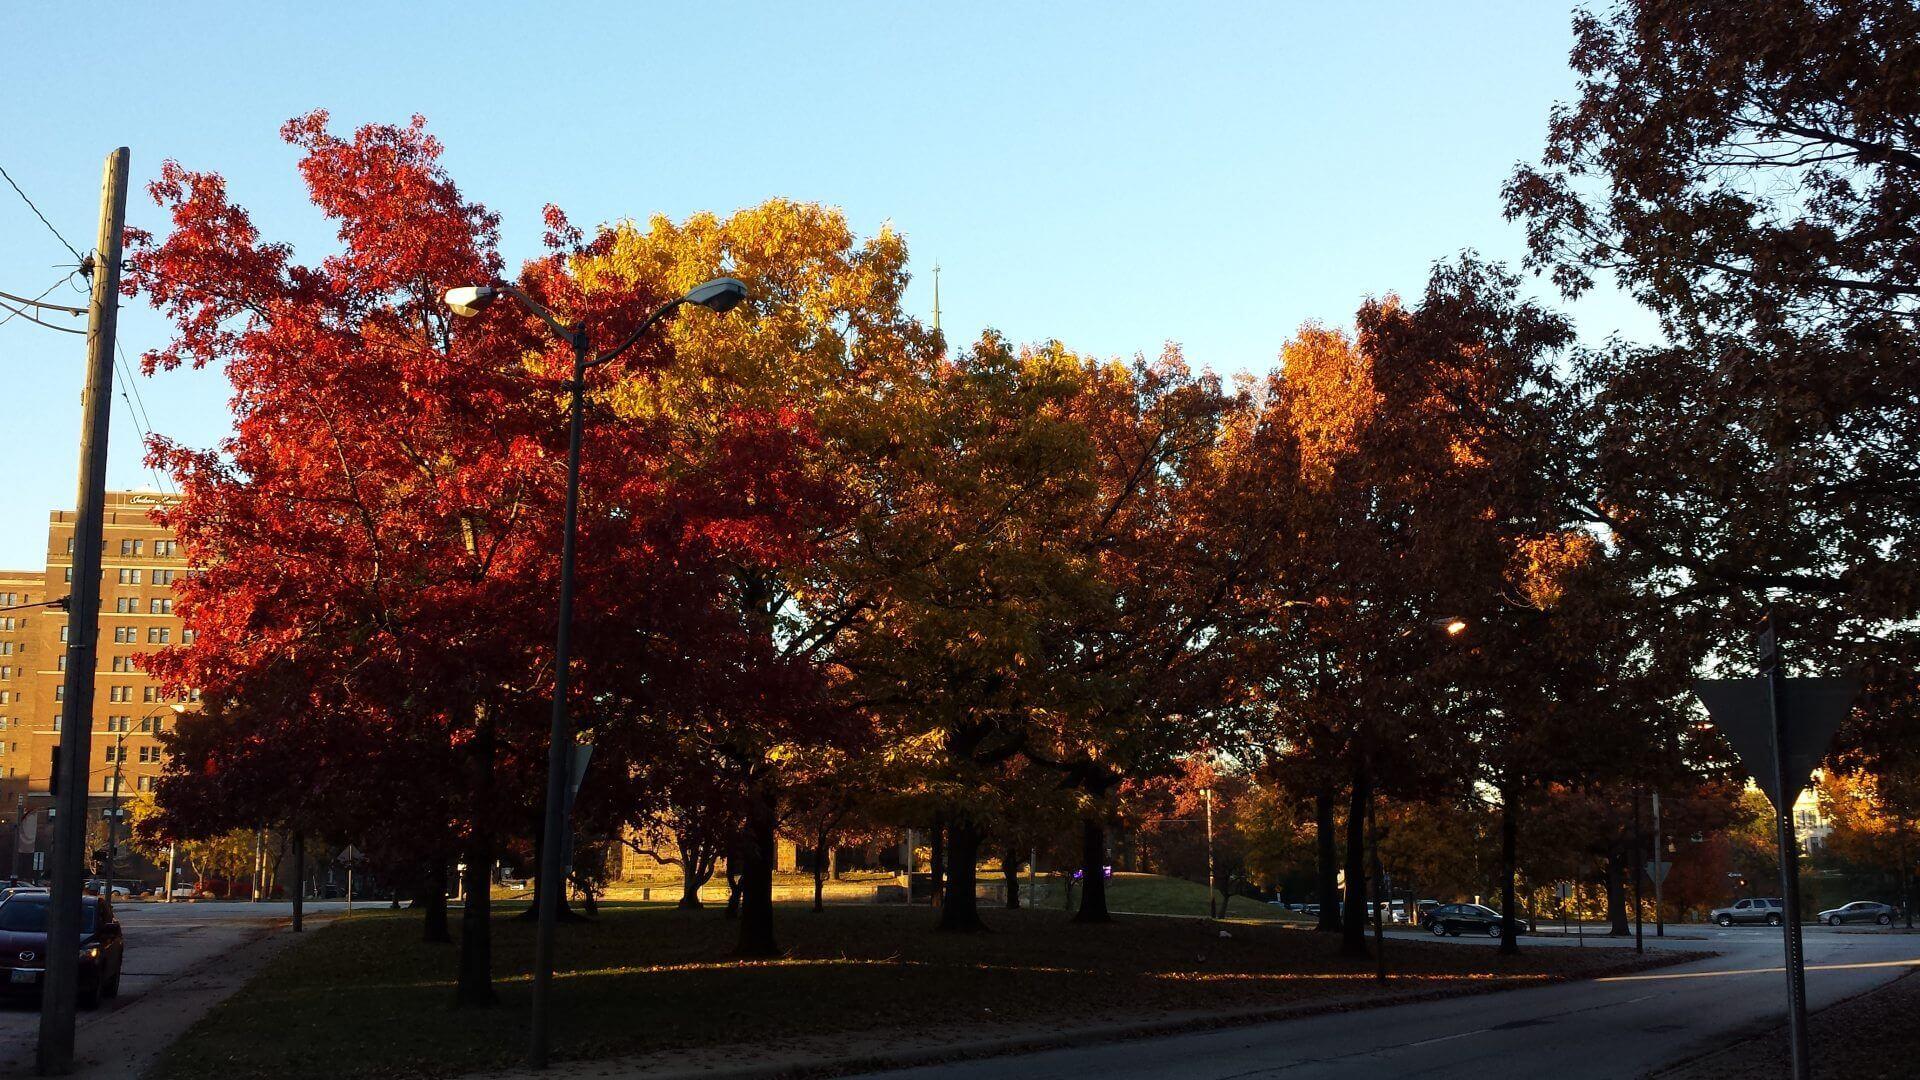 Herbst. Bilder und Eindrücke aus Cleveland, Ohio, United States.